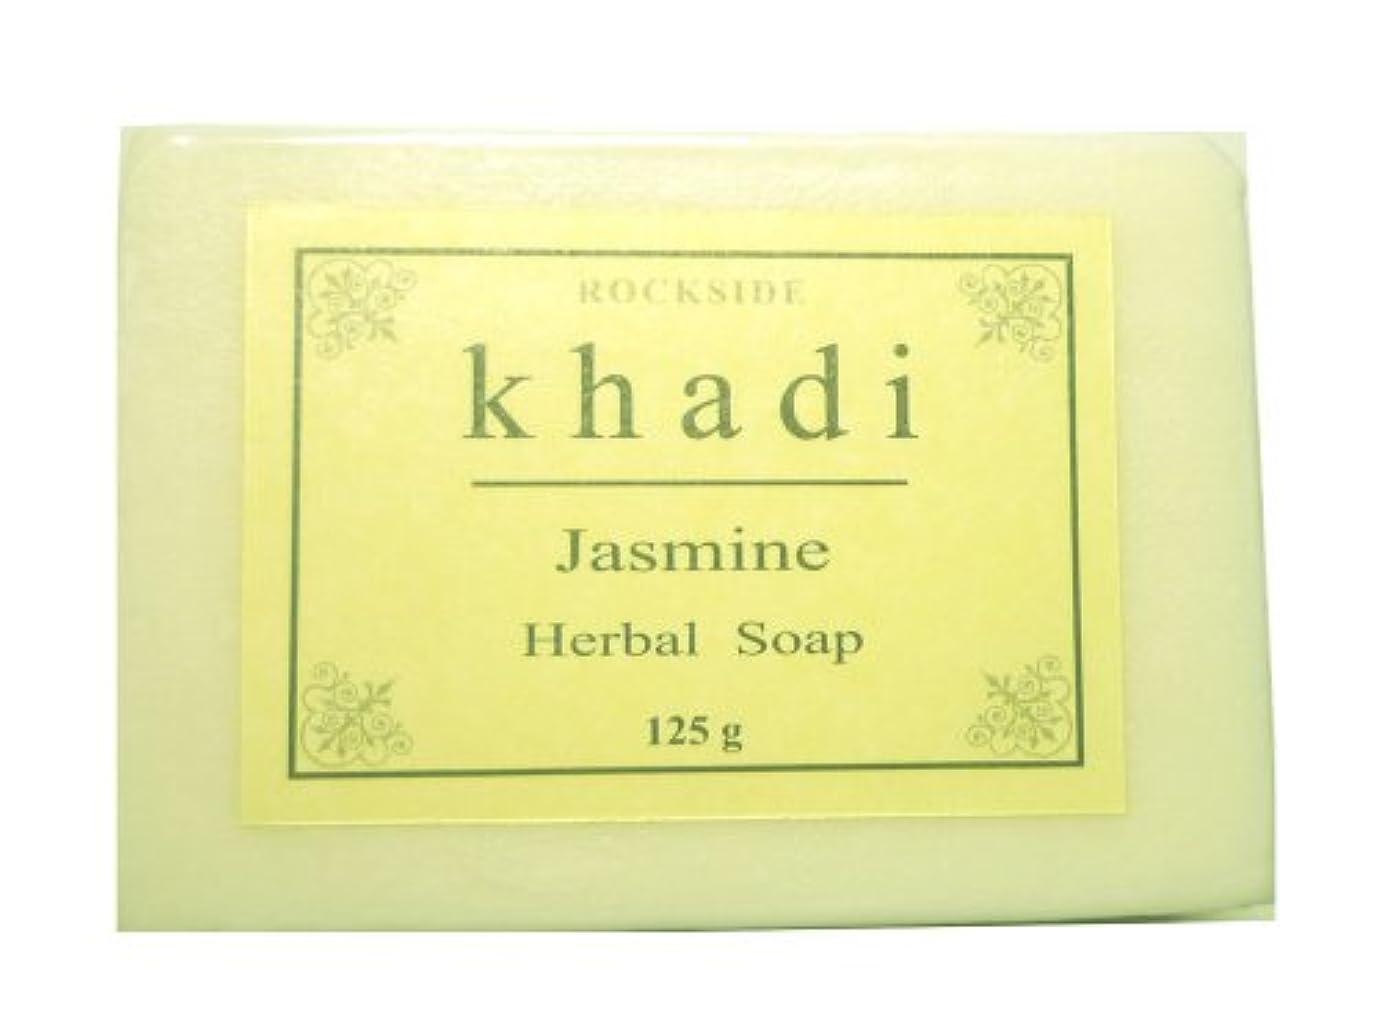 ロック解除見える種手作り  カーディ ジャスミン ソープ Khadi Jasmine Soap